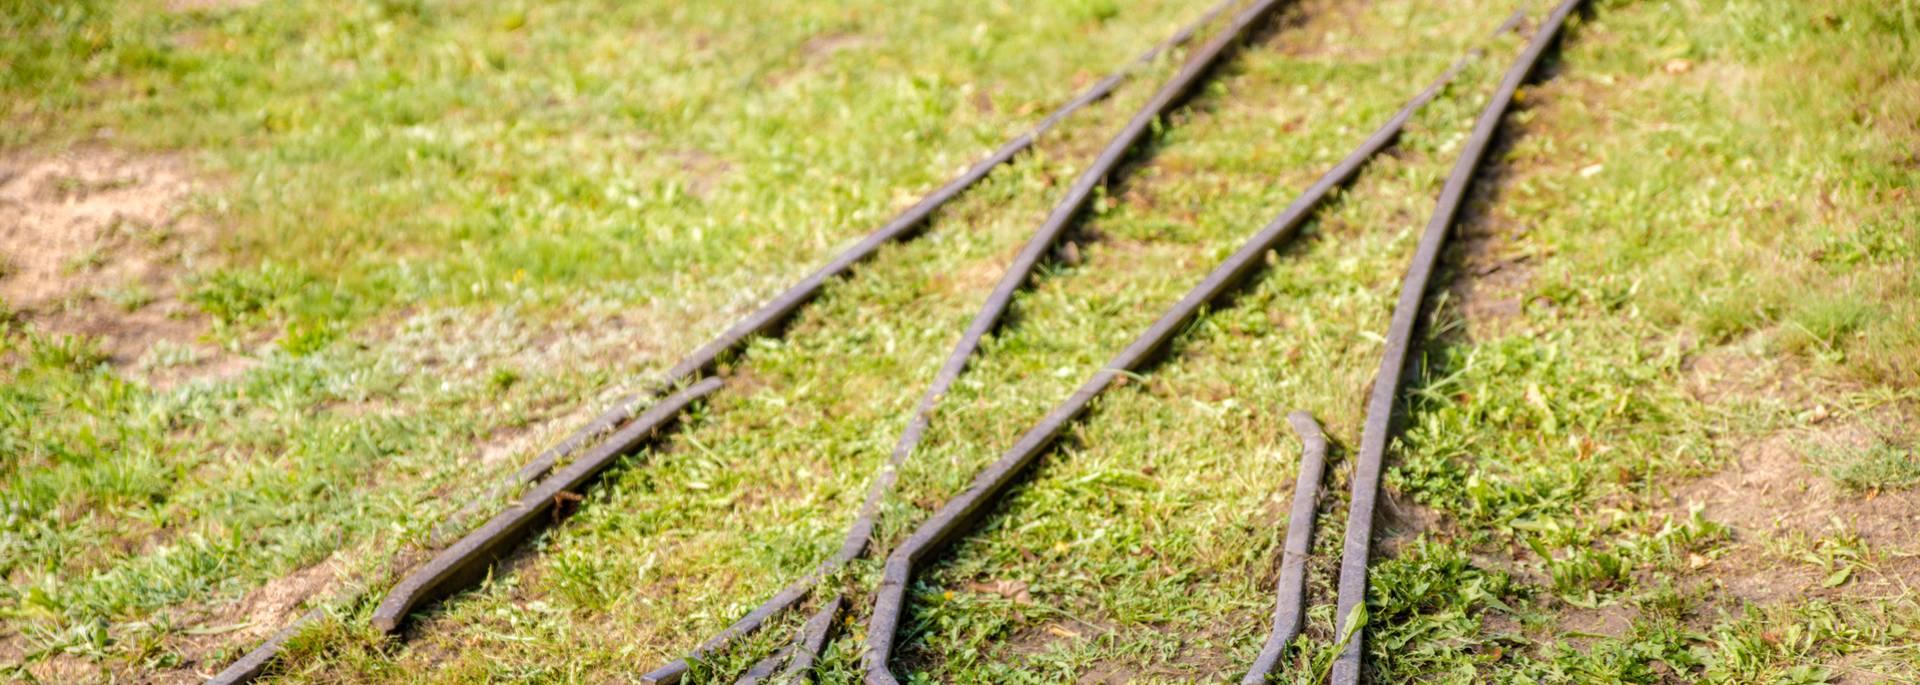 Les voies de transport sur le site de la Briqueterie, Ciry-le-Noble. © Franck Juillot.